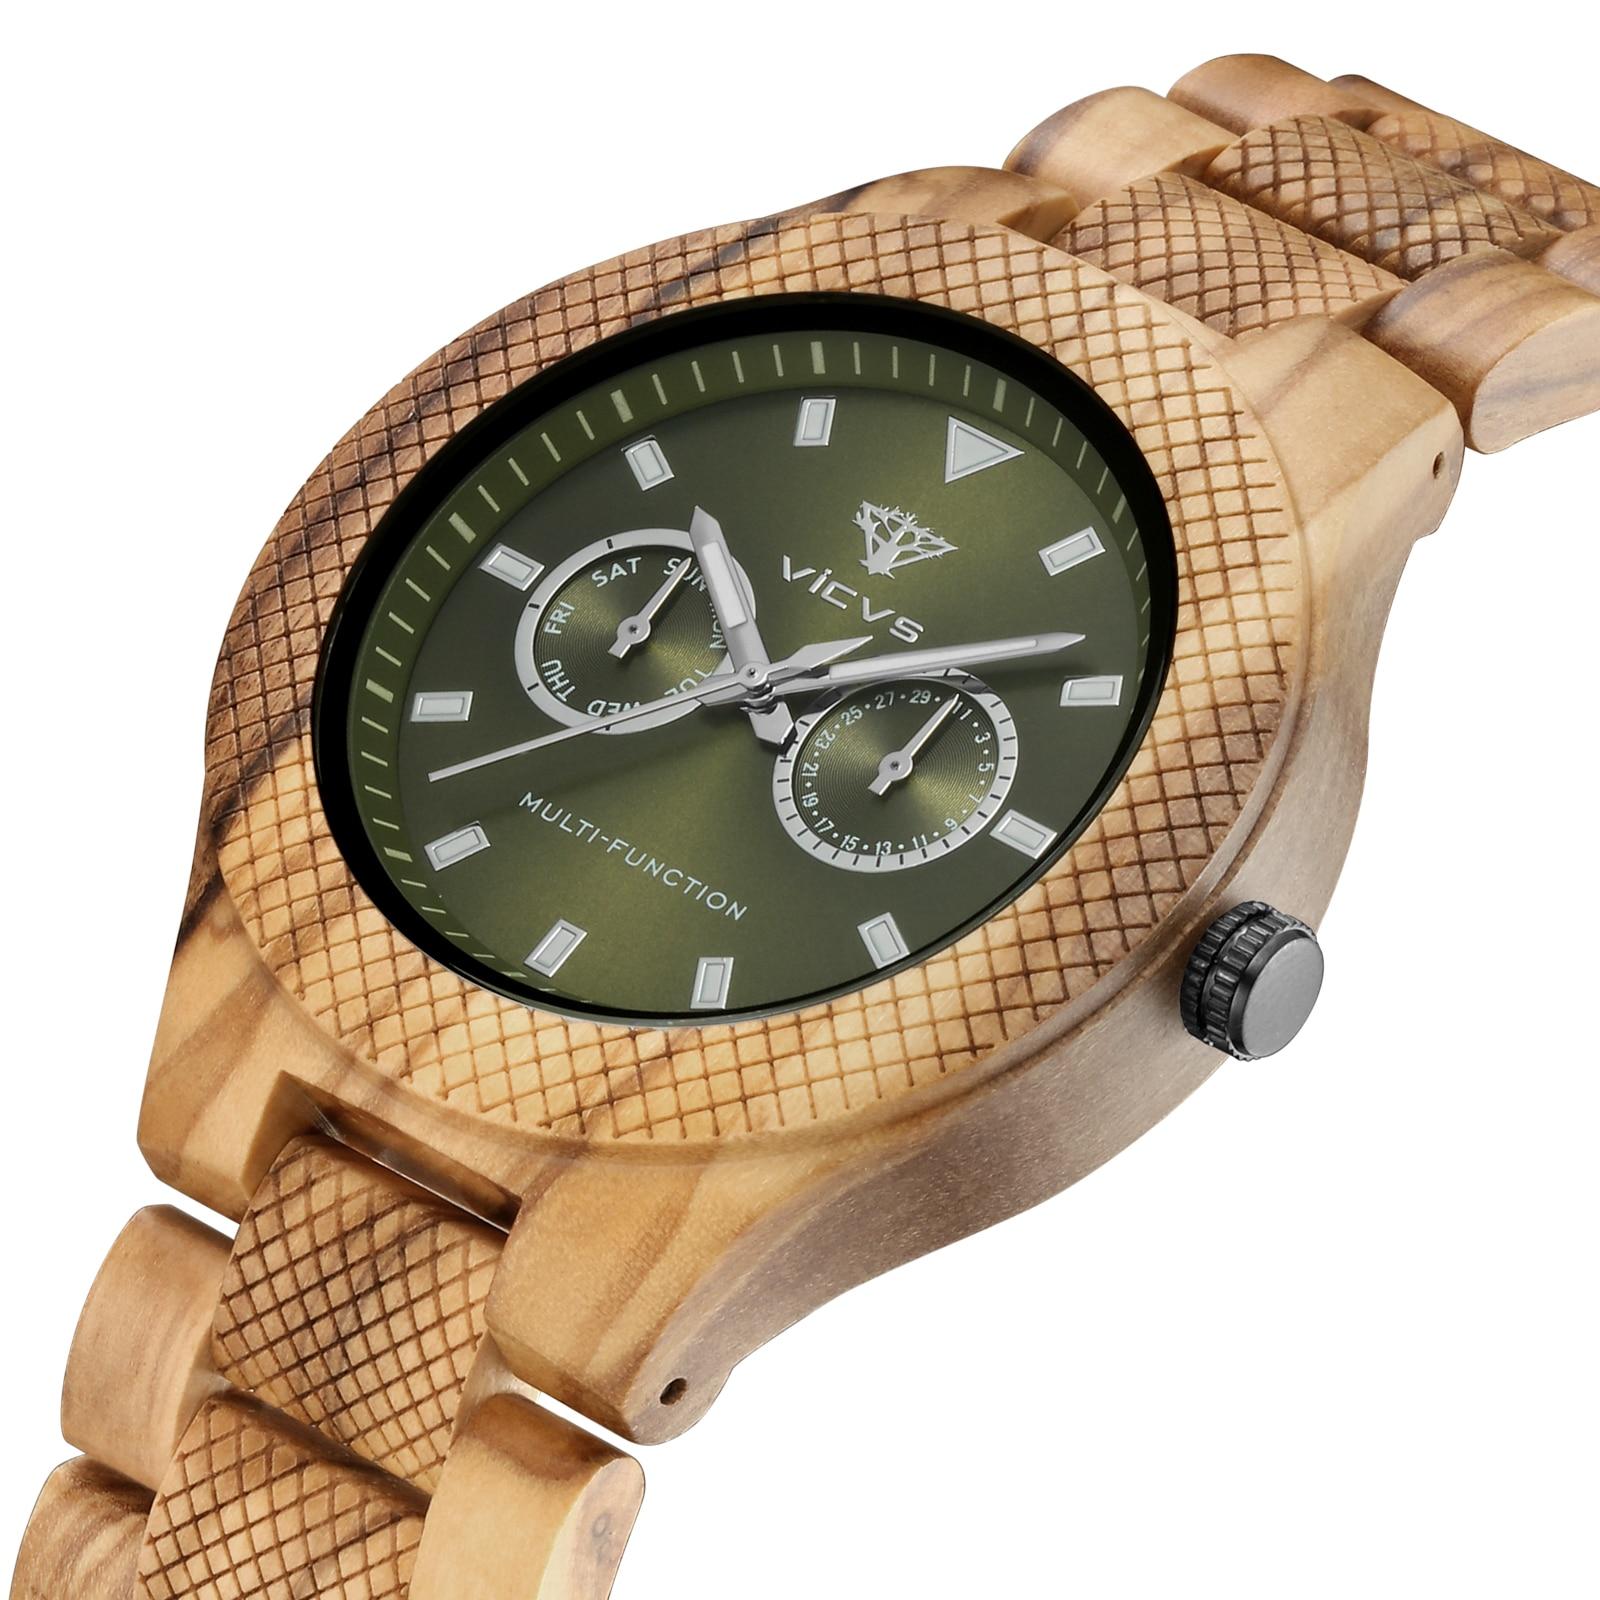 Мужские светящиеся деревянные часы с кварцевым механизмом на заказ, наручные часы, роскошные деревянные часы